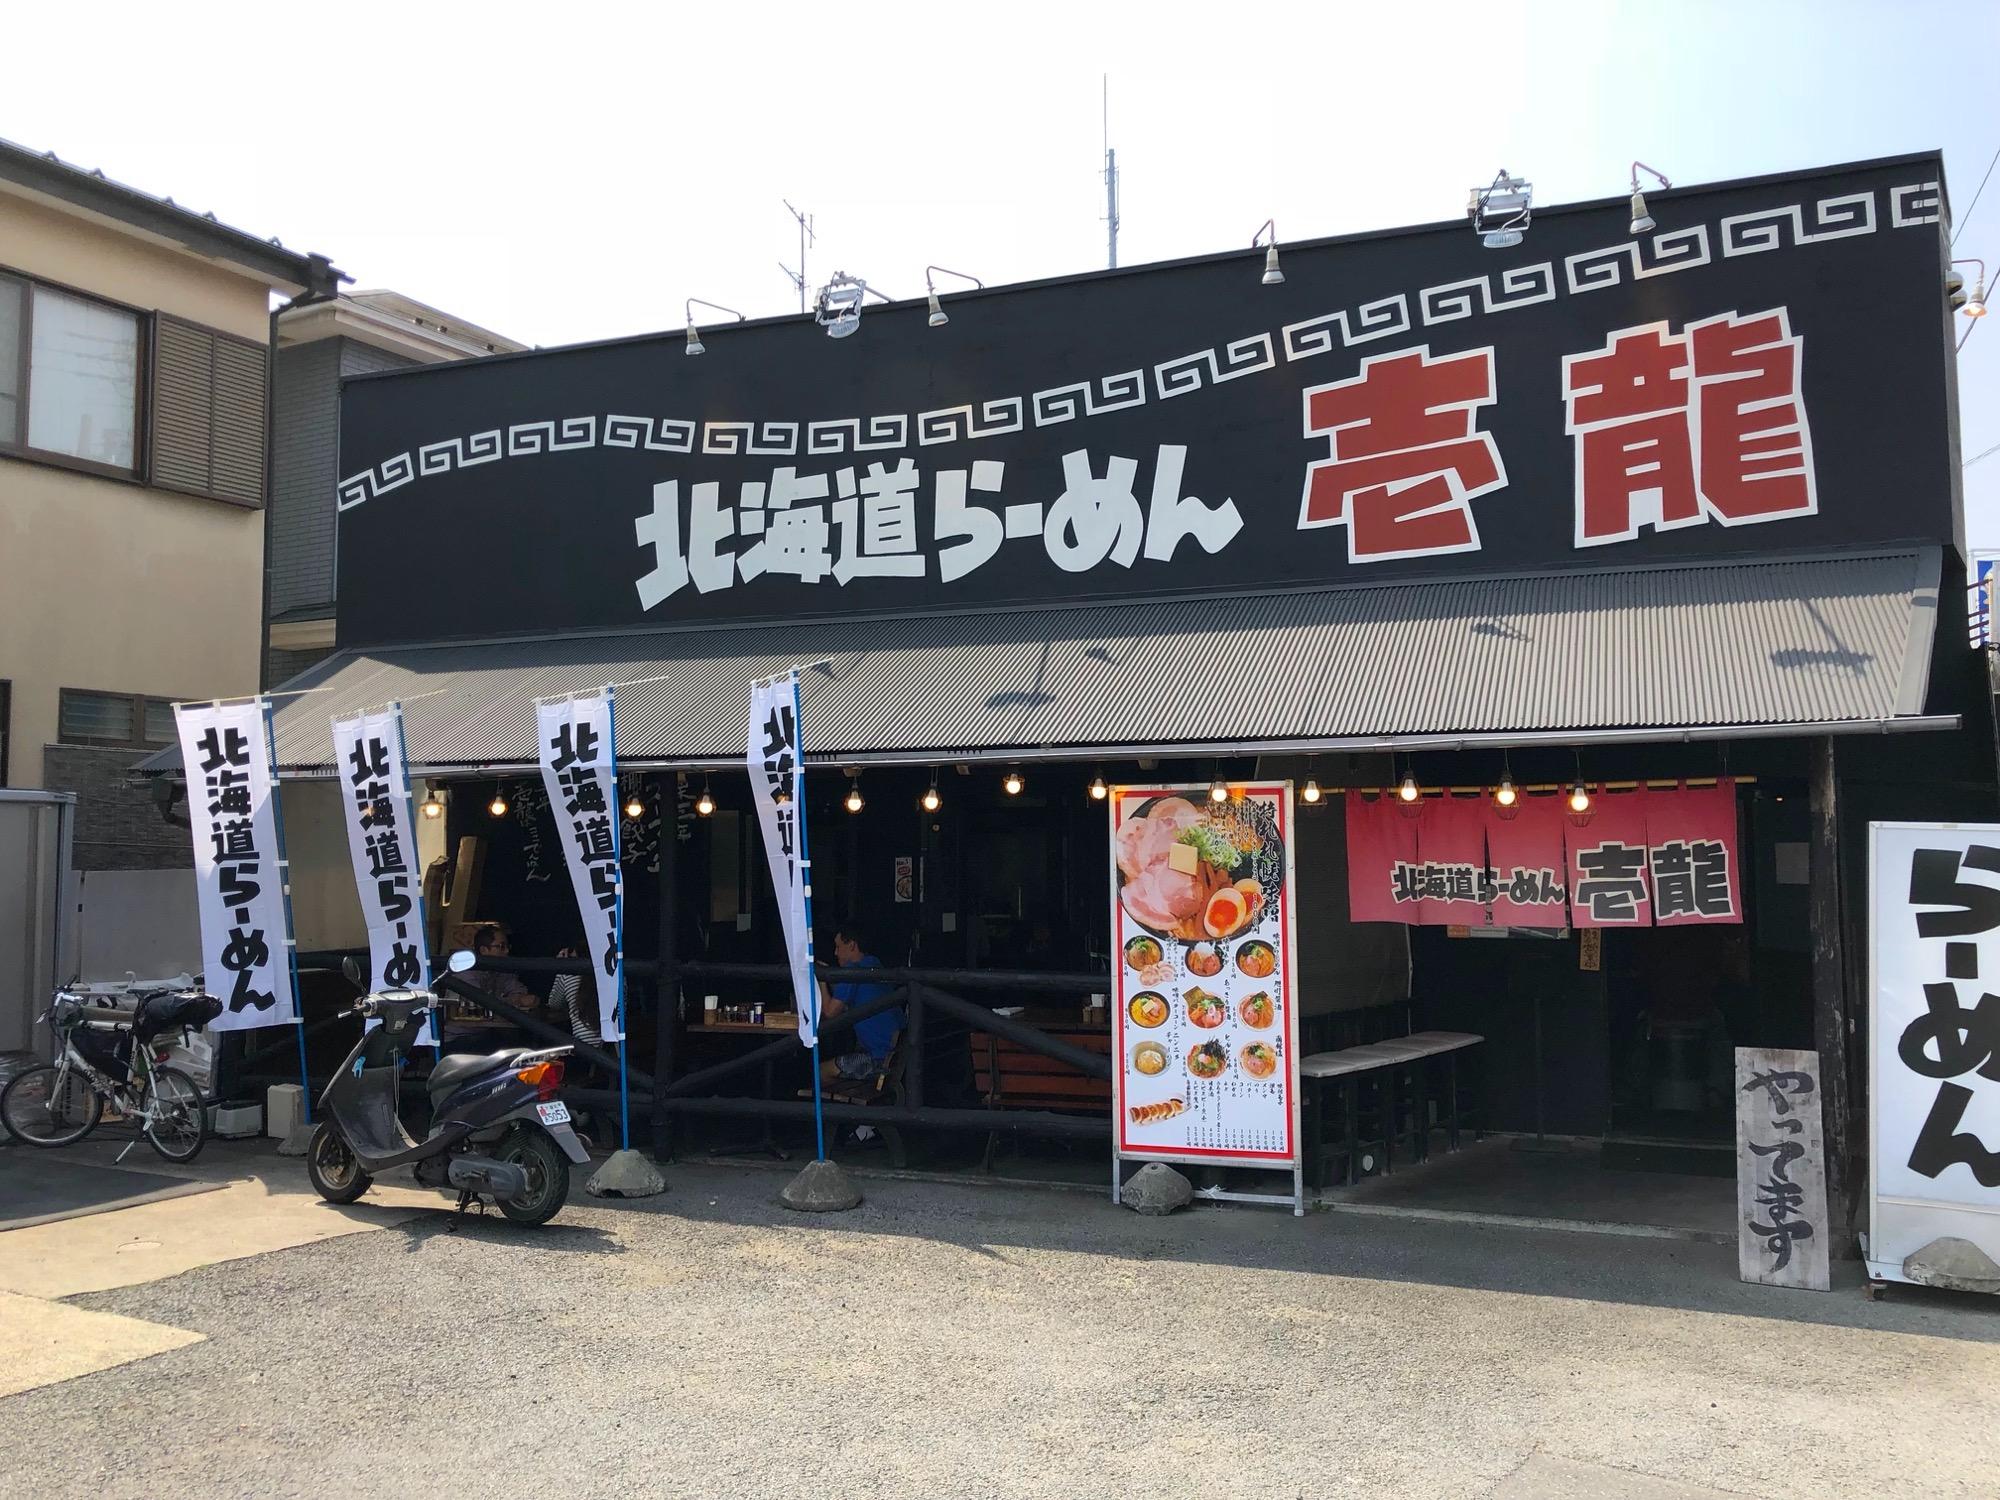 ②北海道らーめん 壱龍(神奈川)